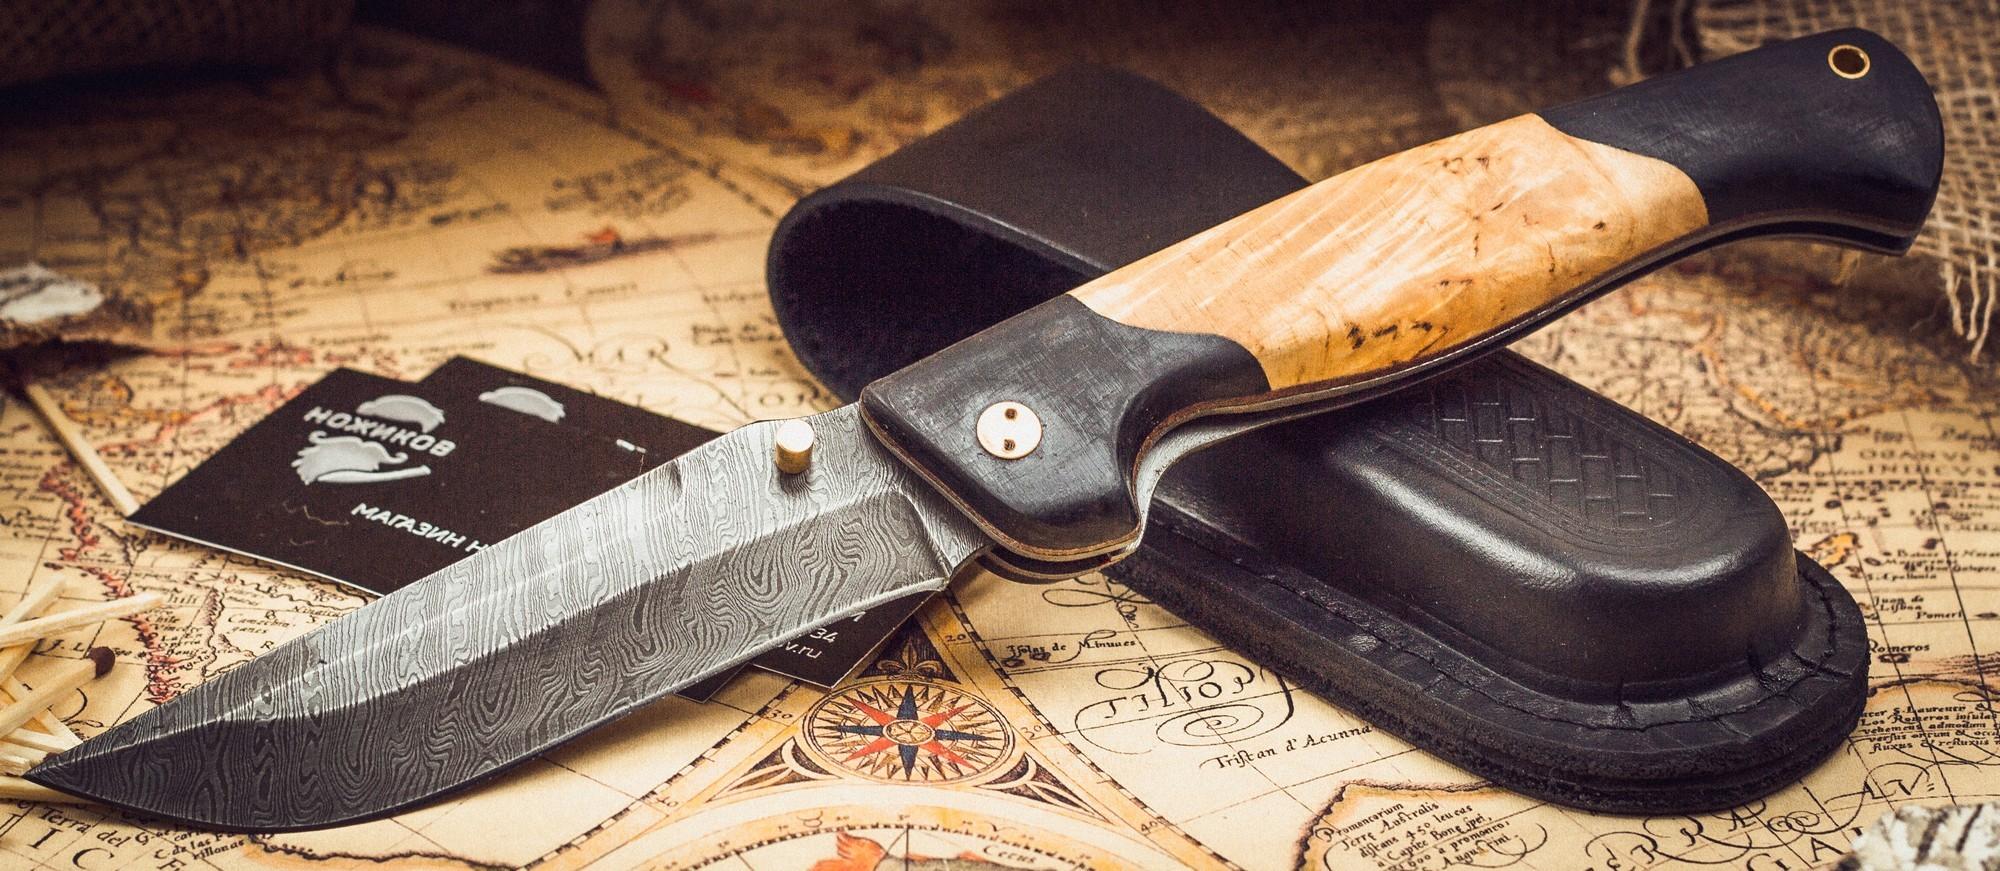 Фото 8 - Складной нож Актай-2, дамаск, карельская береза от Марычев